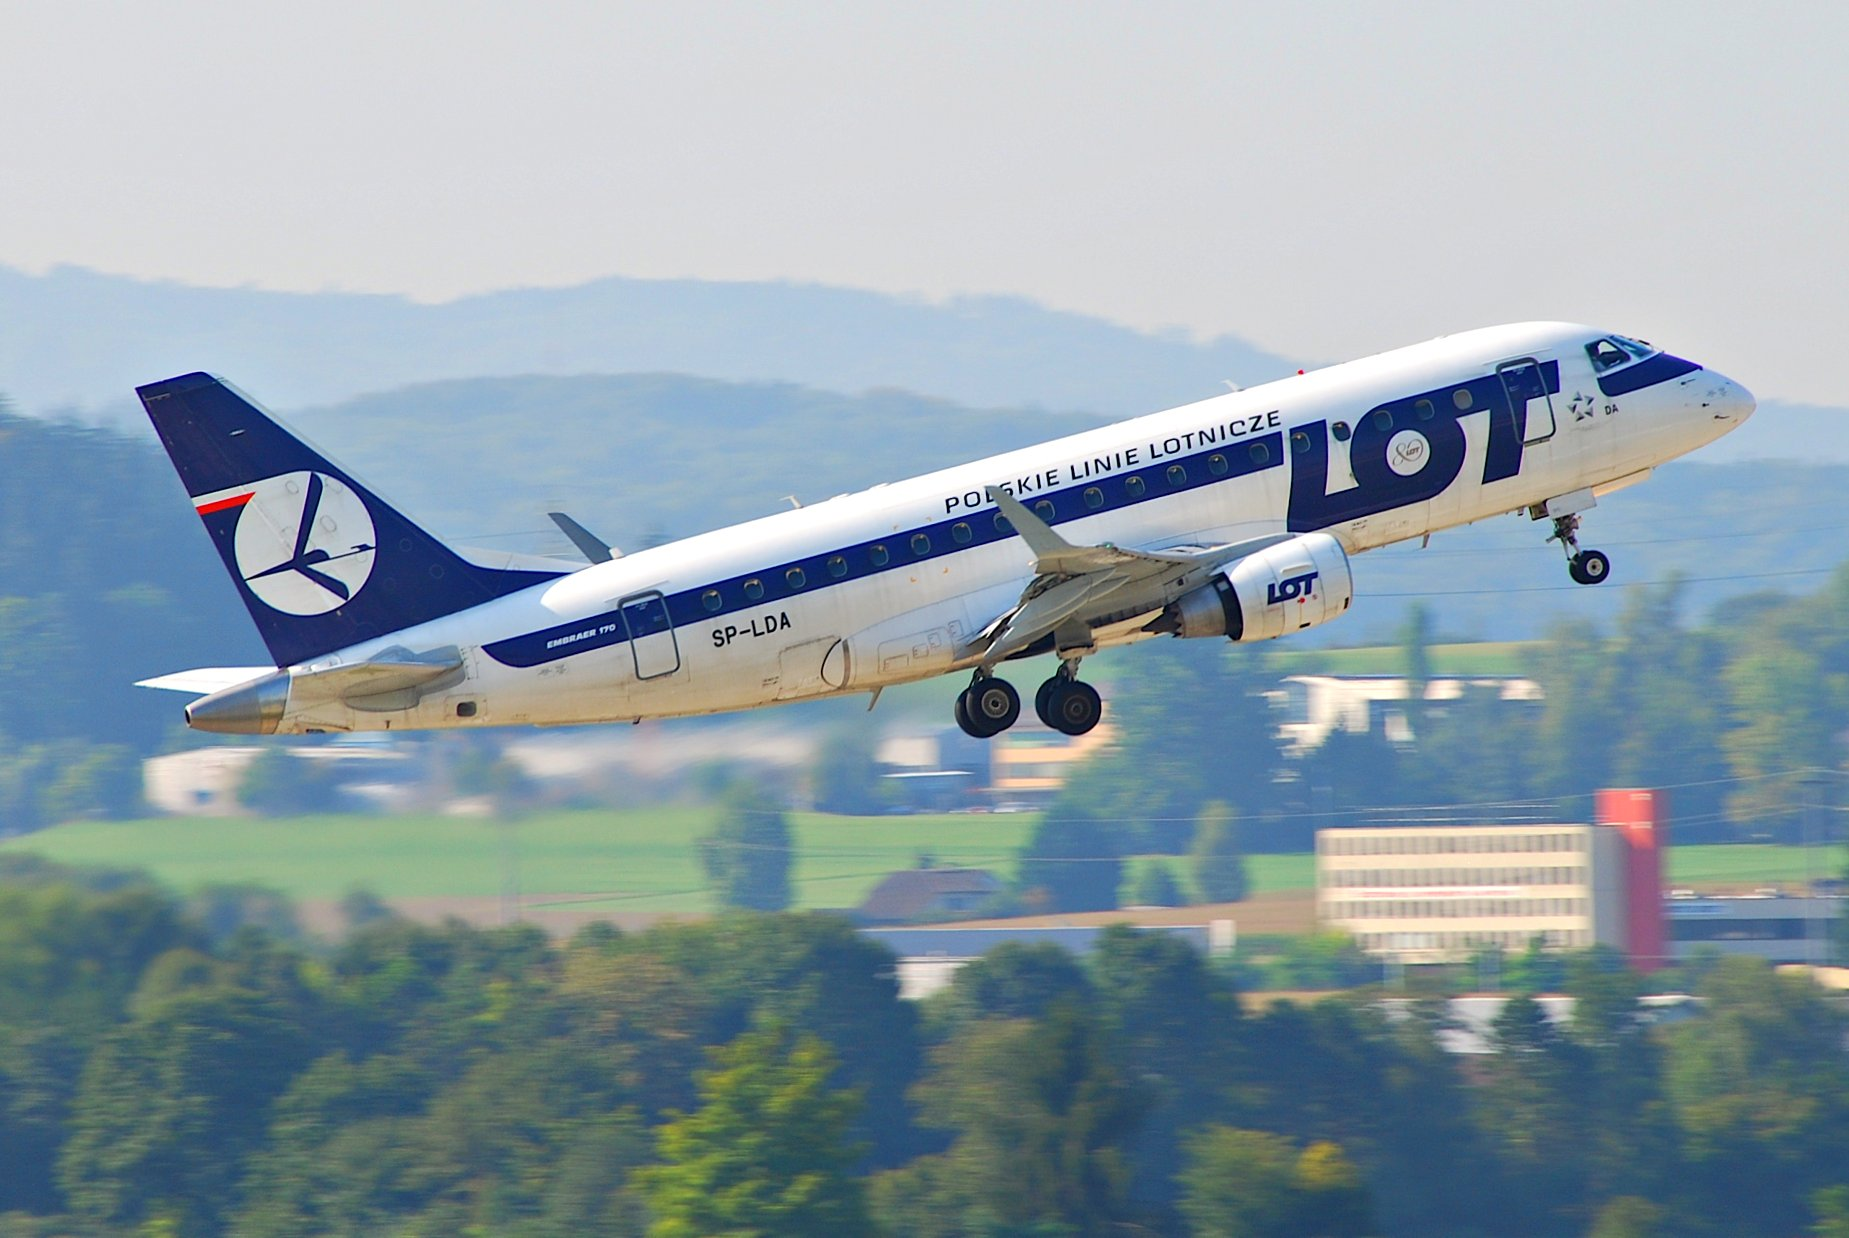 Польская авиакомпания LOT планирует возобновить полеты на Украину